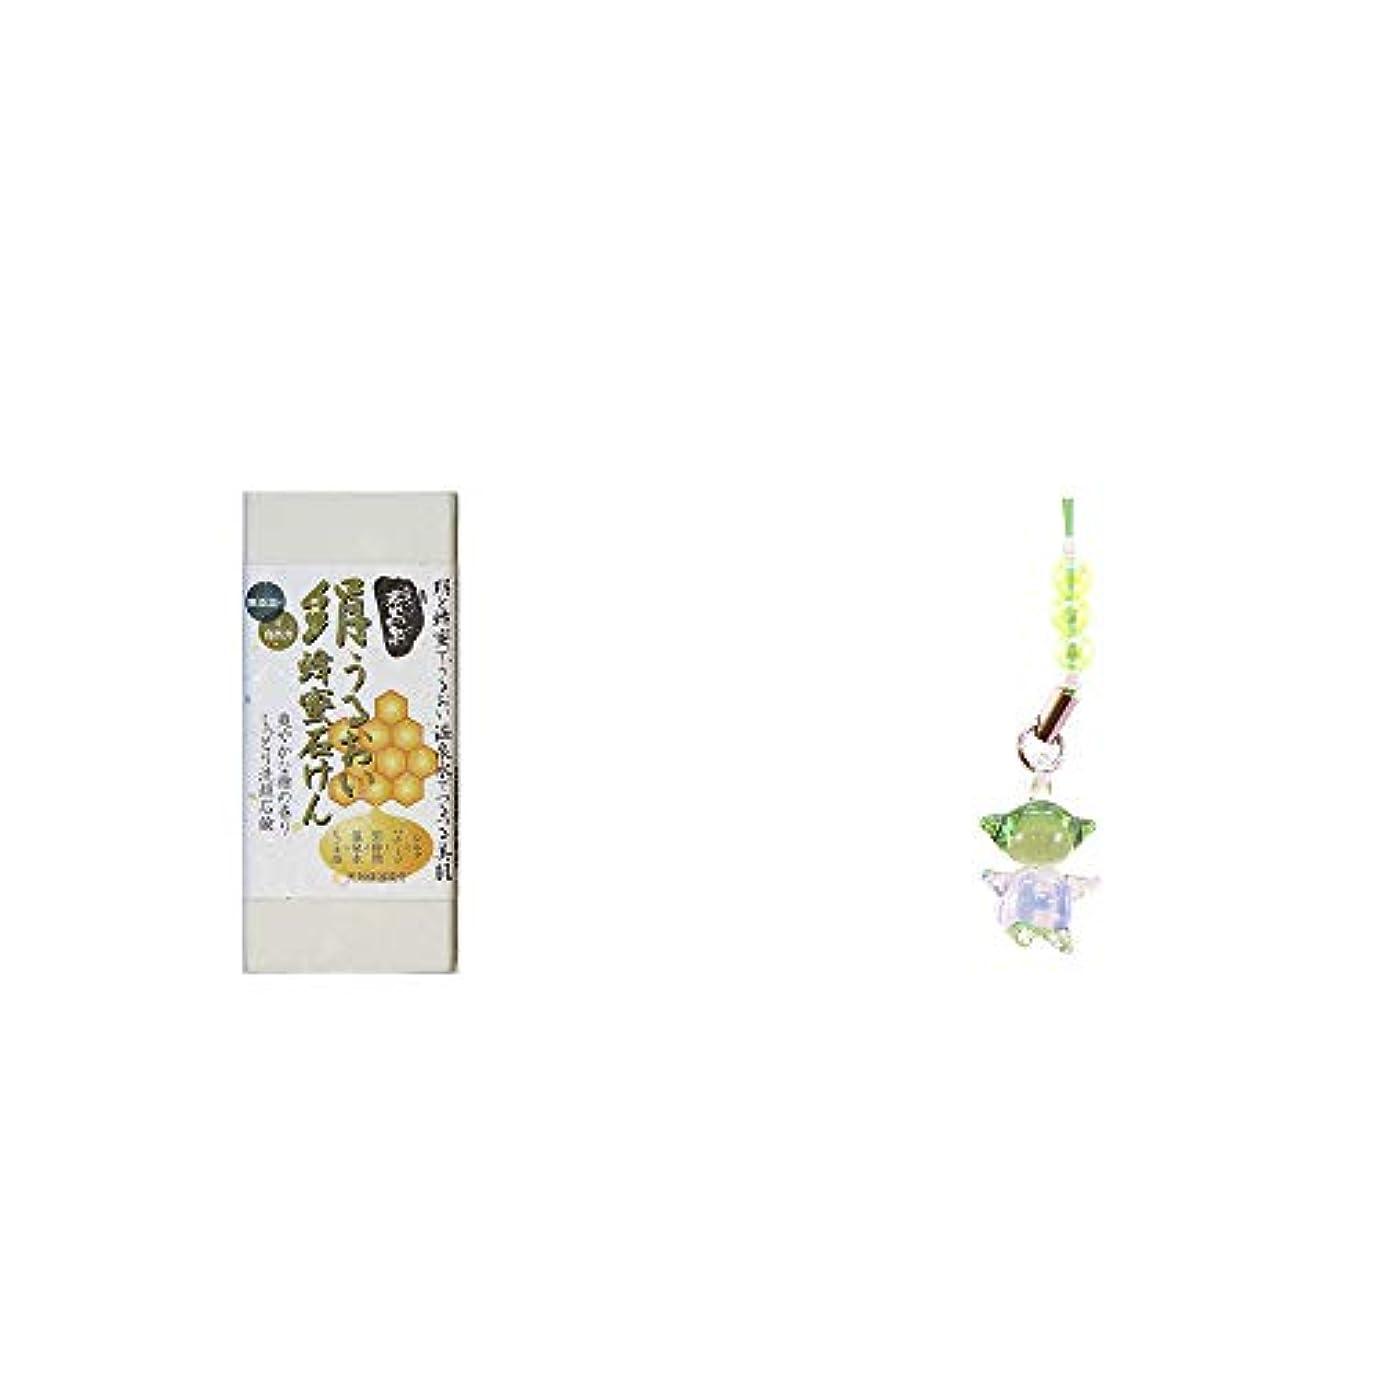 寄生虫と闘う途方もない[2点セット] ひのき炭黒泉 絹うるおい蜂蜜石けん(75g×2)?ガラスのさるぼぼ 手作りキーホルダー 【緑】 /健康運?平穏?病気を寄付けない?健康祈願//